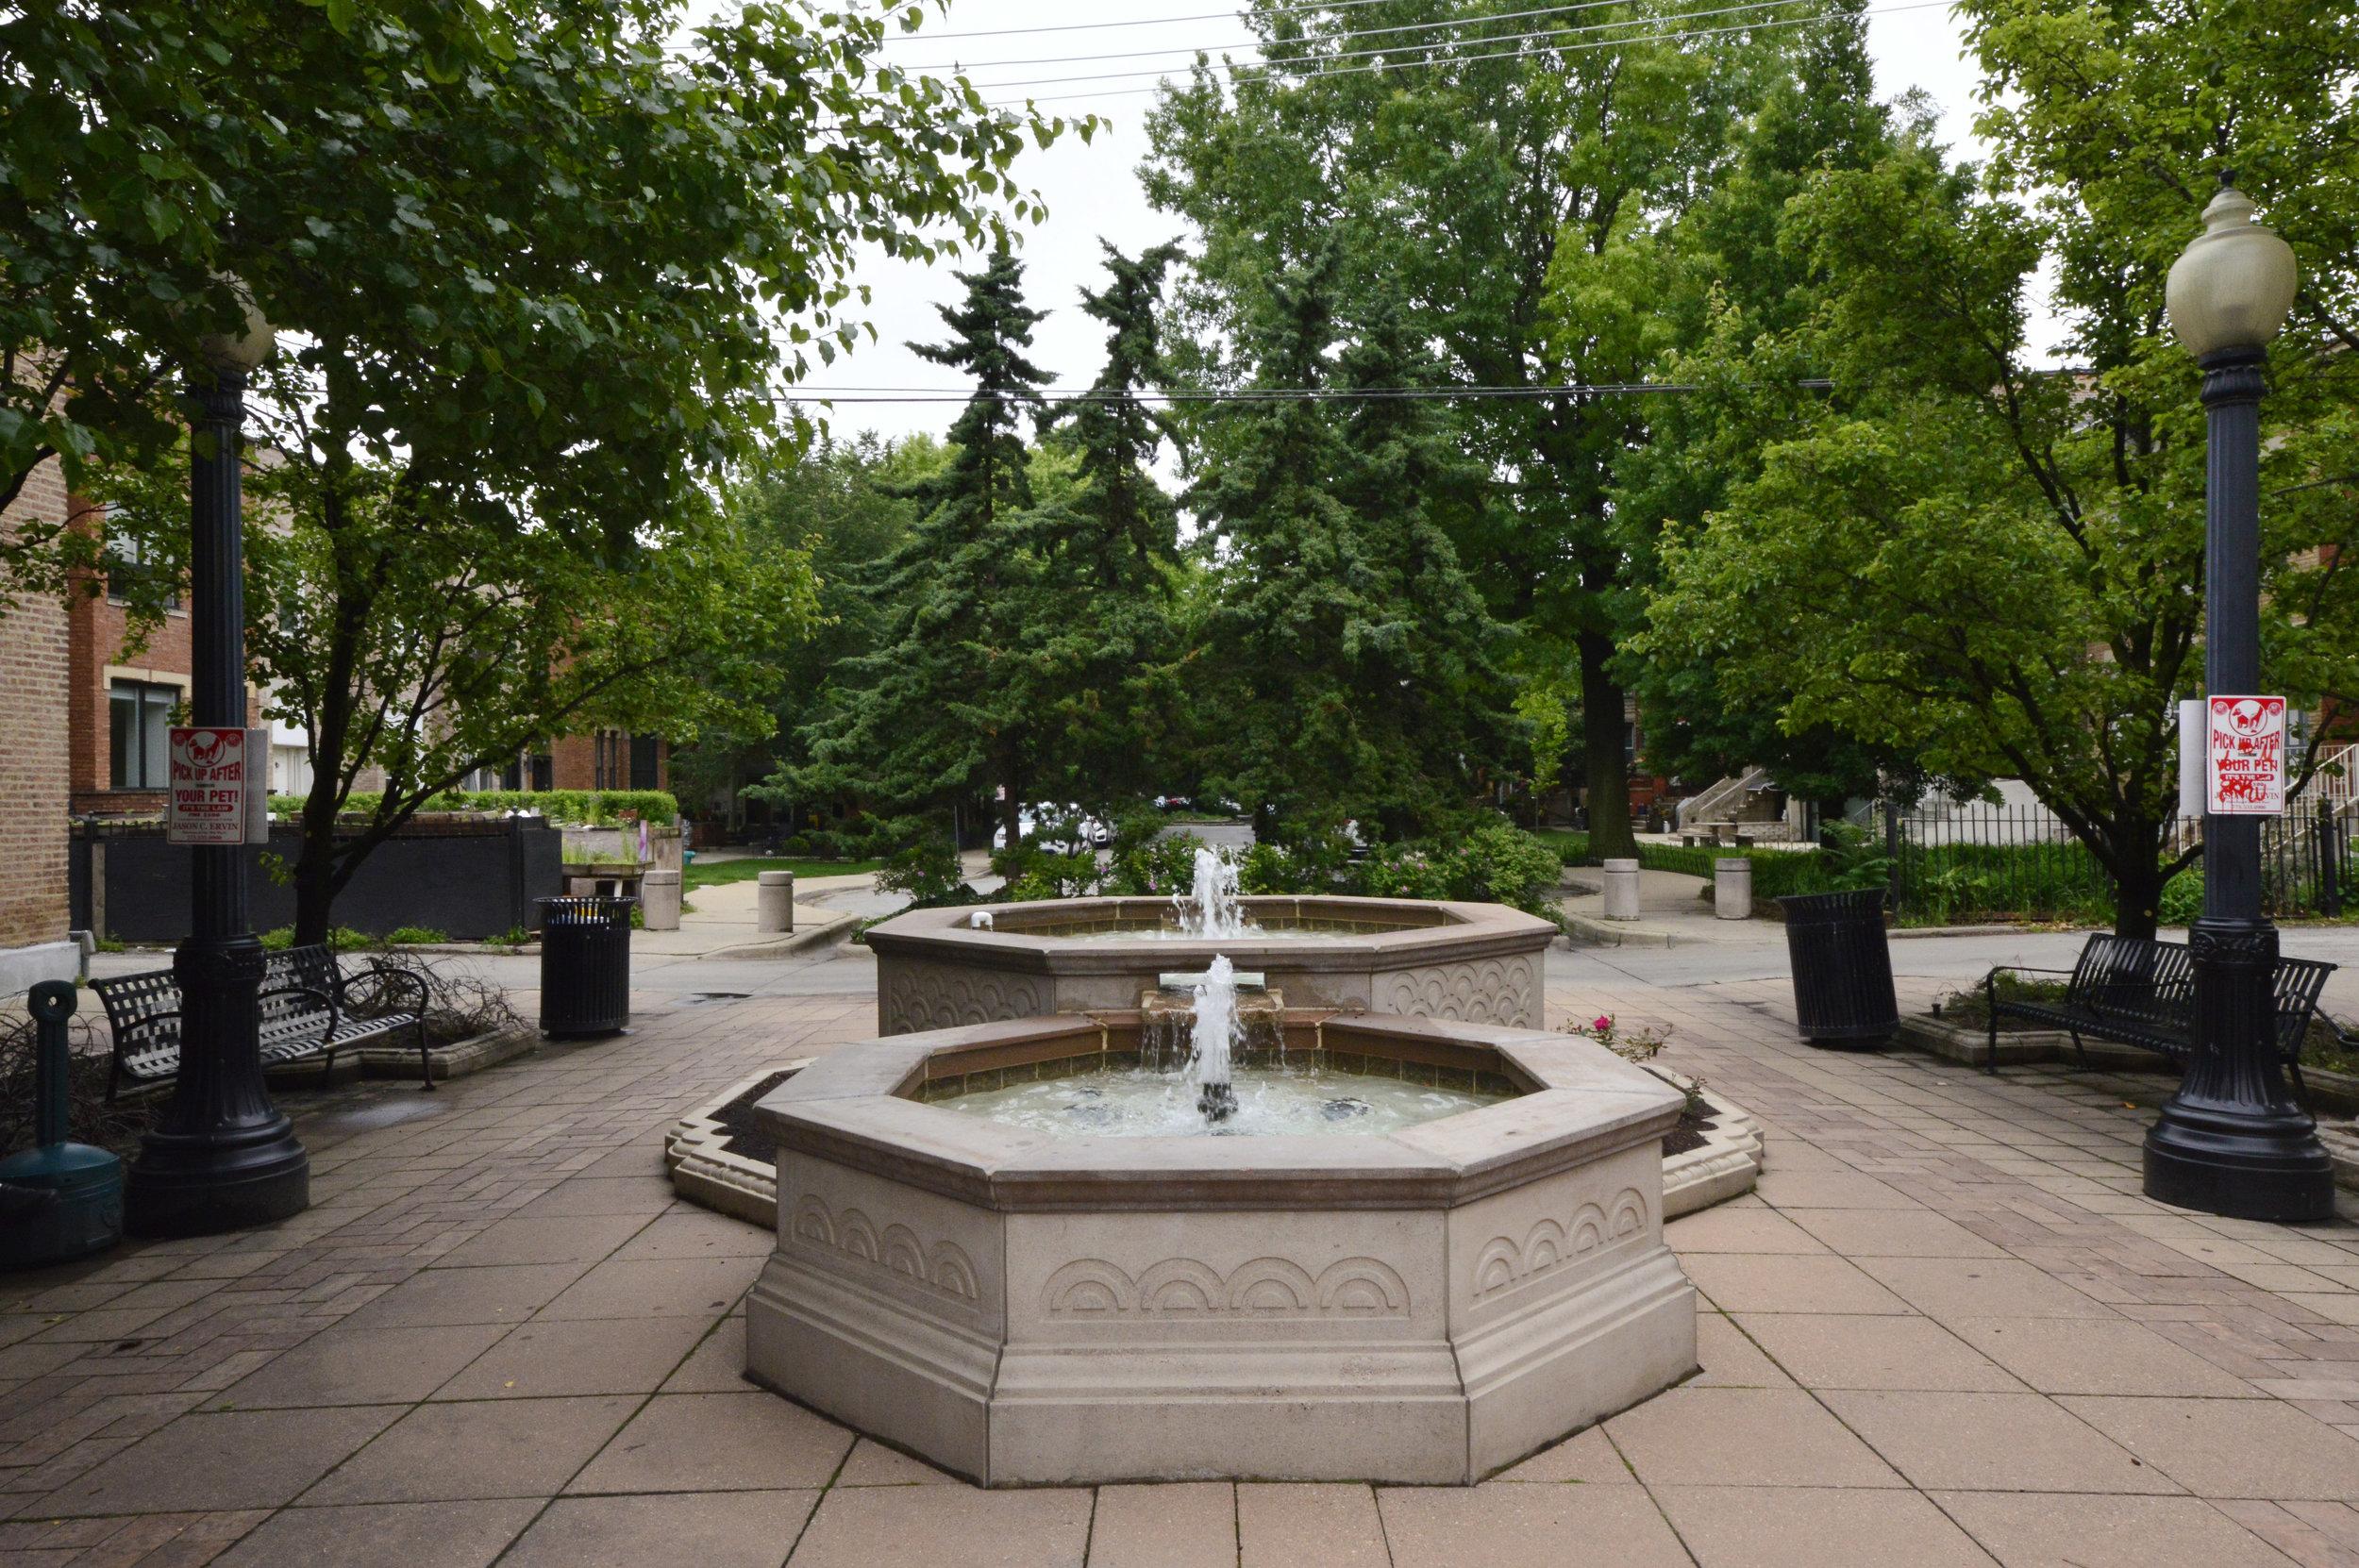 003_fountain.jpg